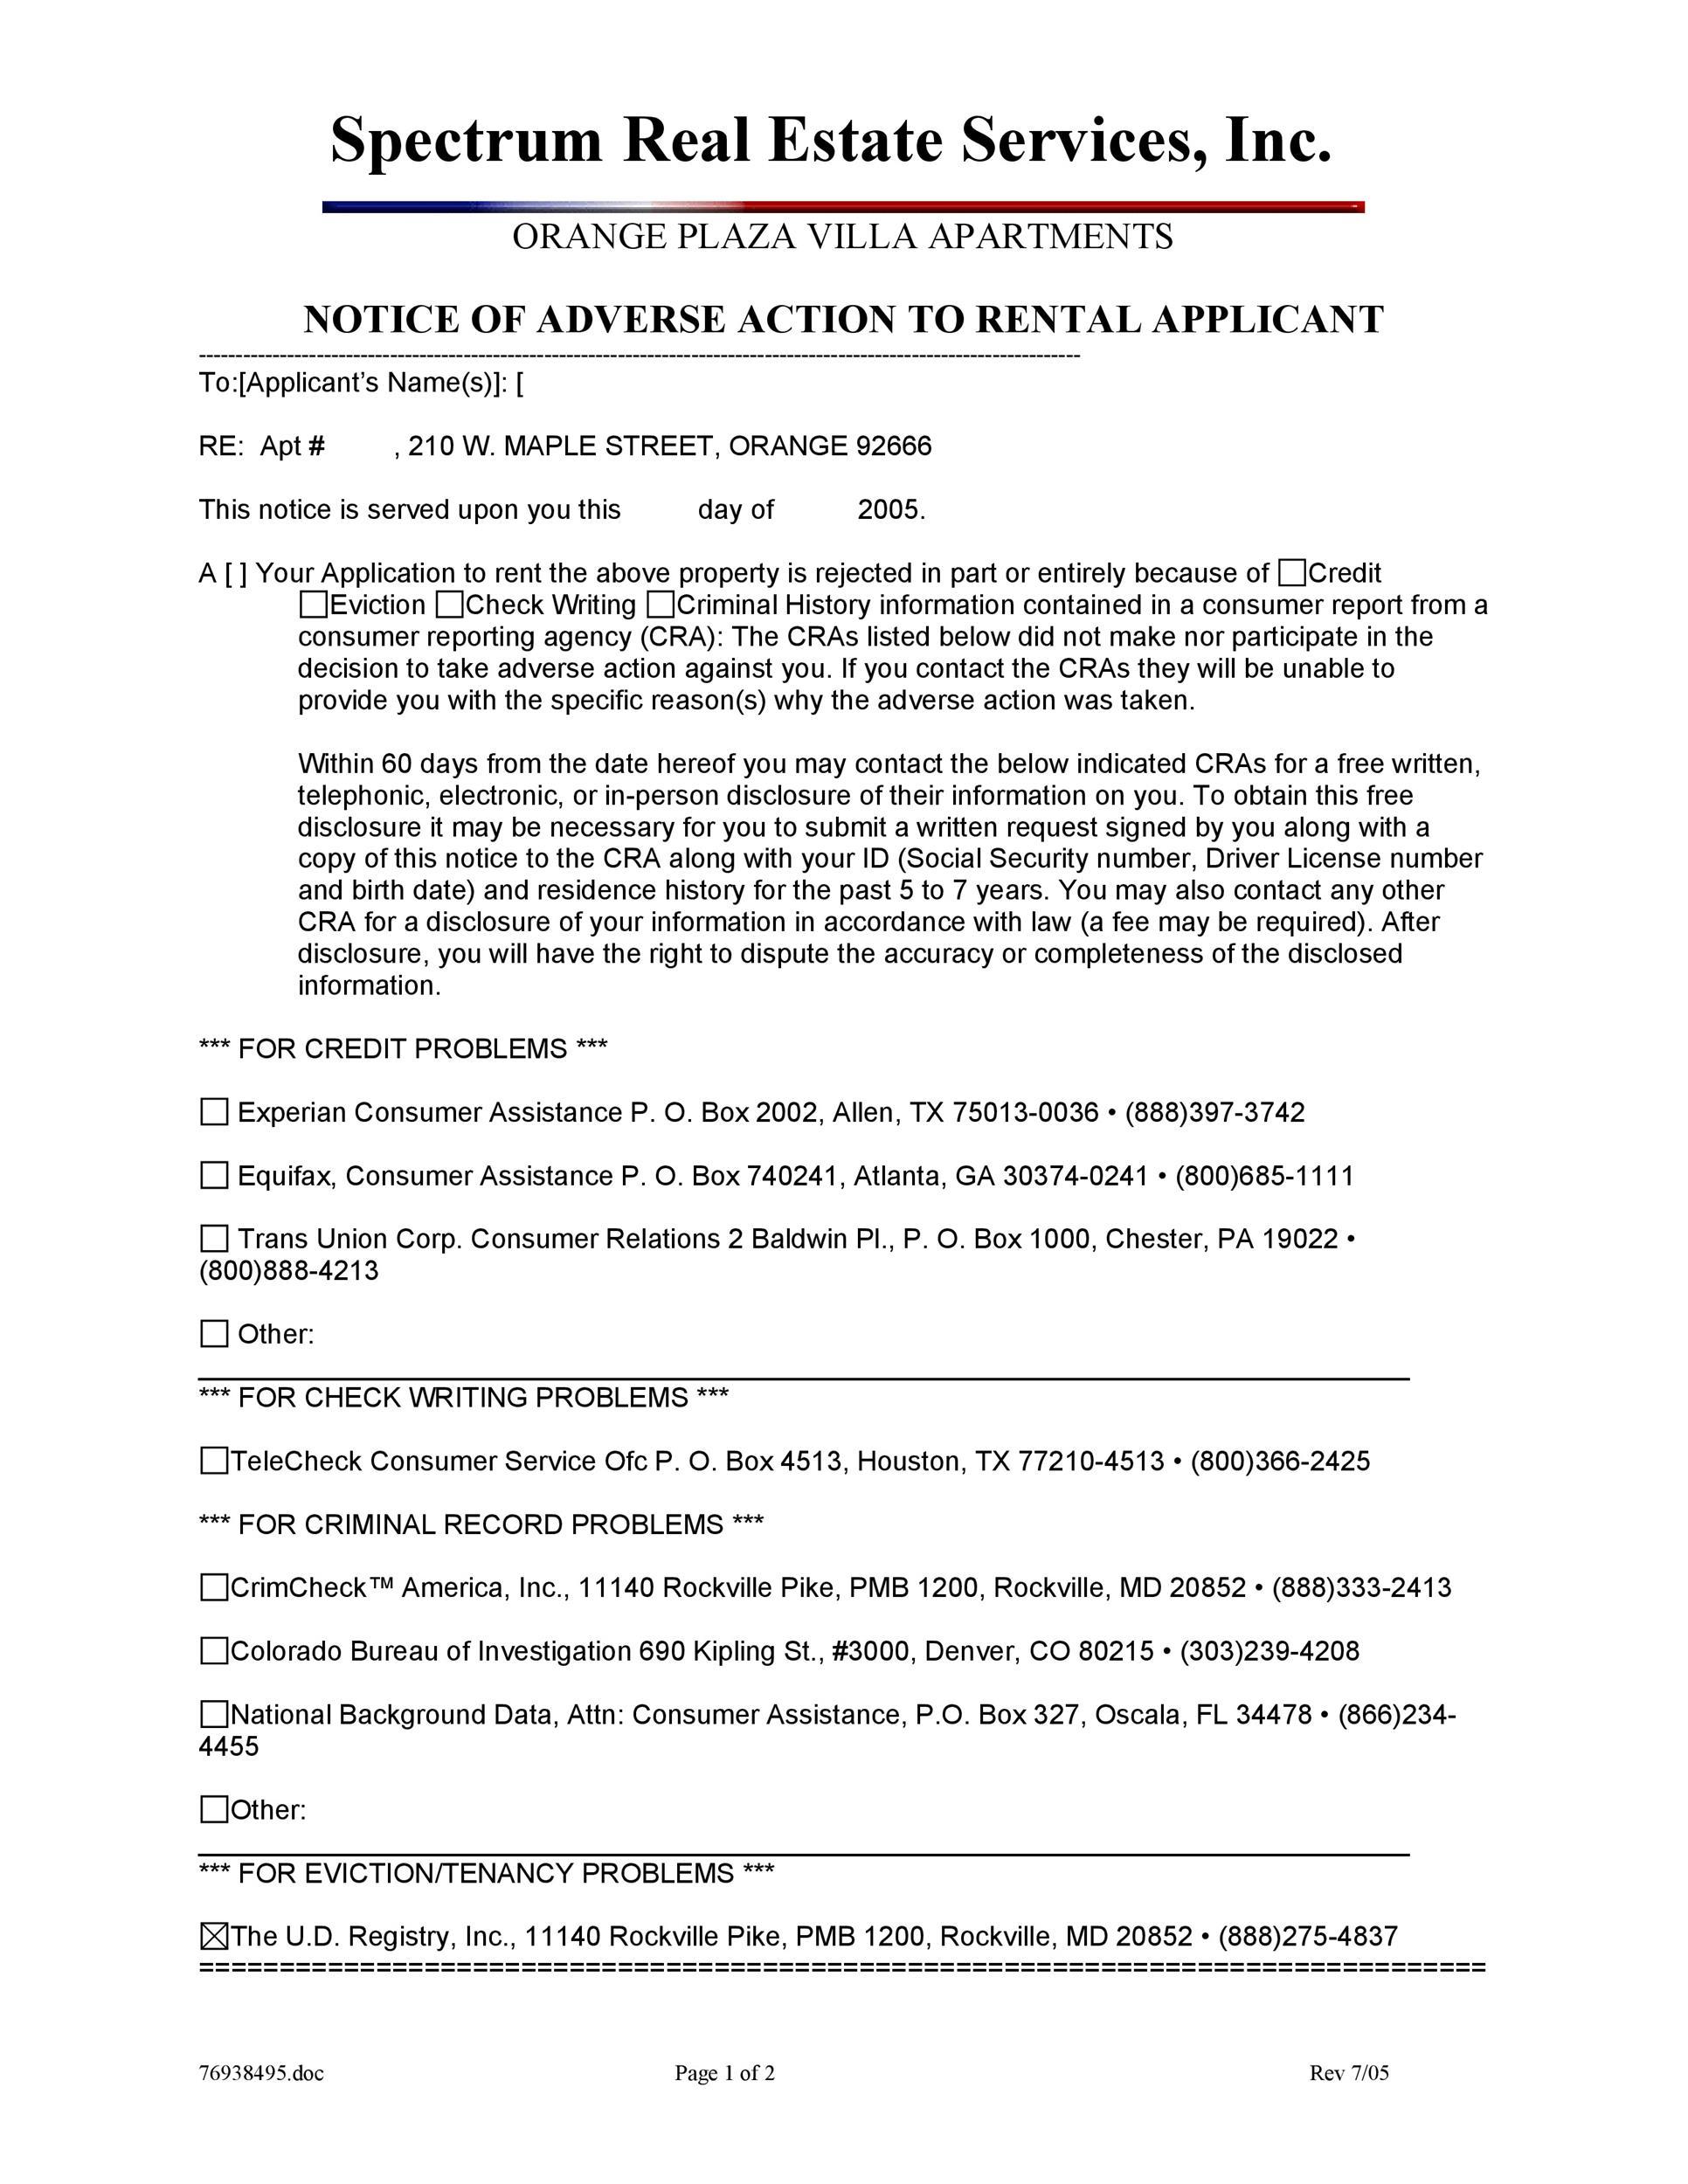 Free adverse action notice 33